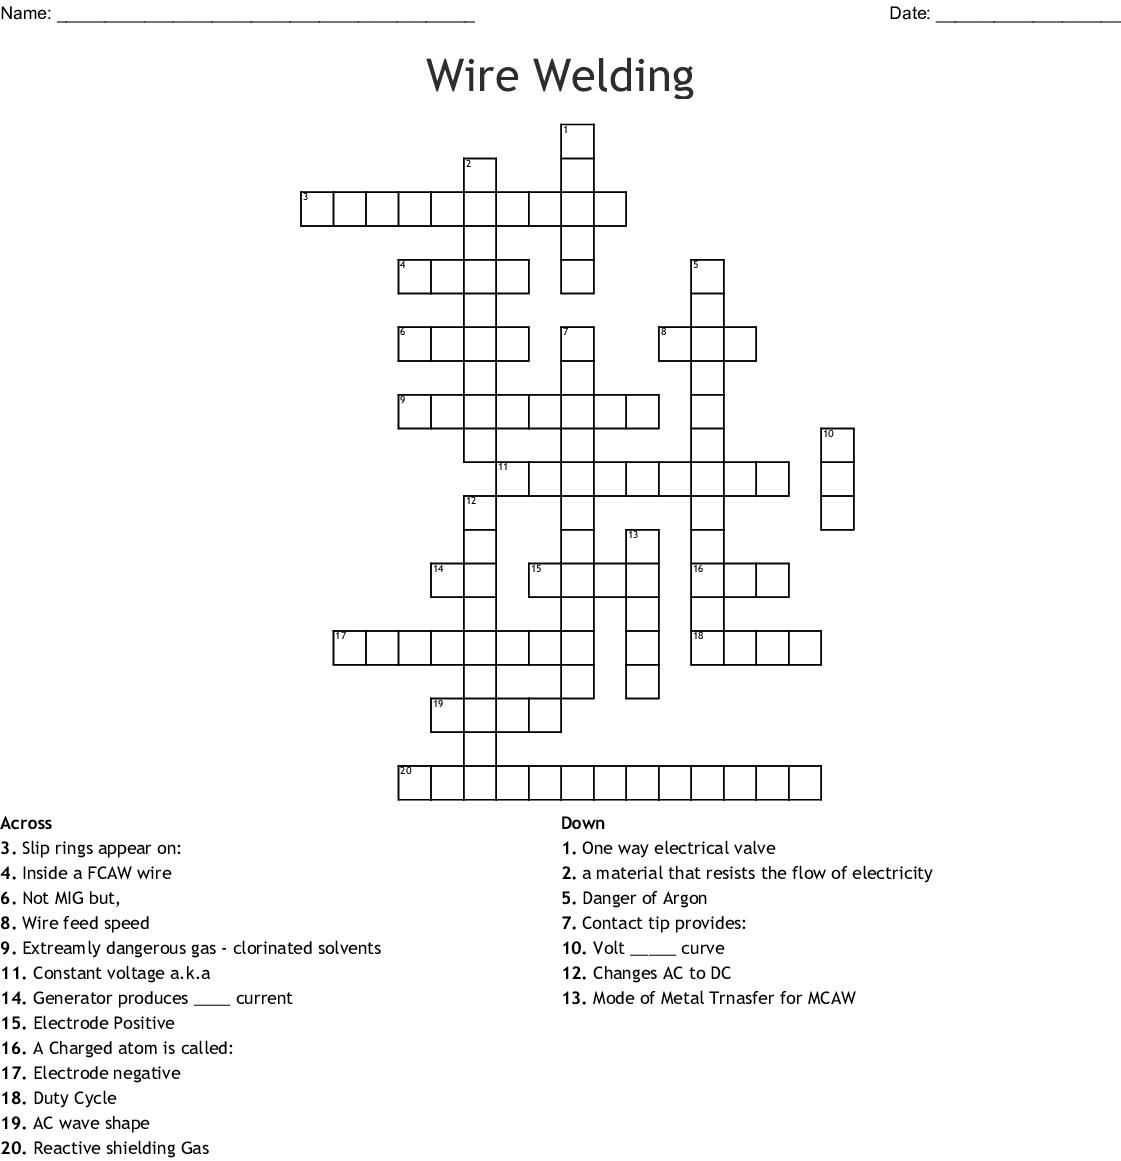 Wire Welding Crossword - Wordmint - Printable 2 Speed Crossword